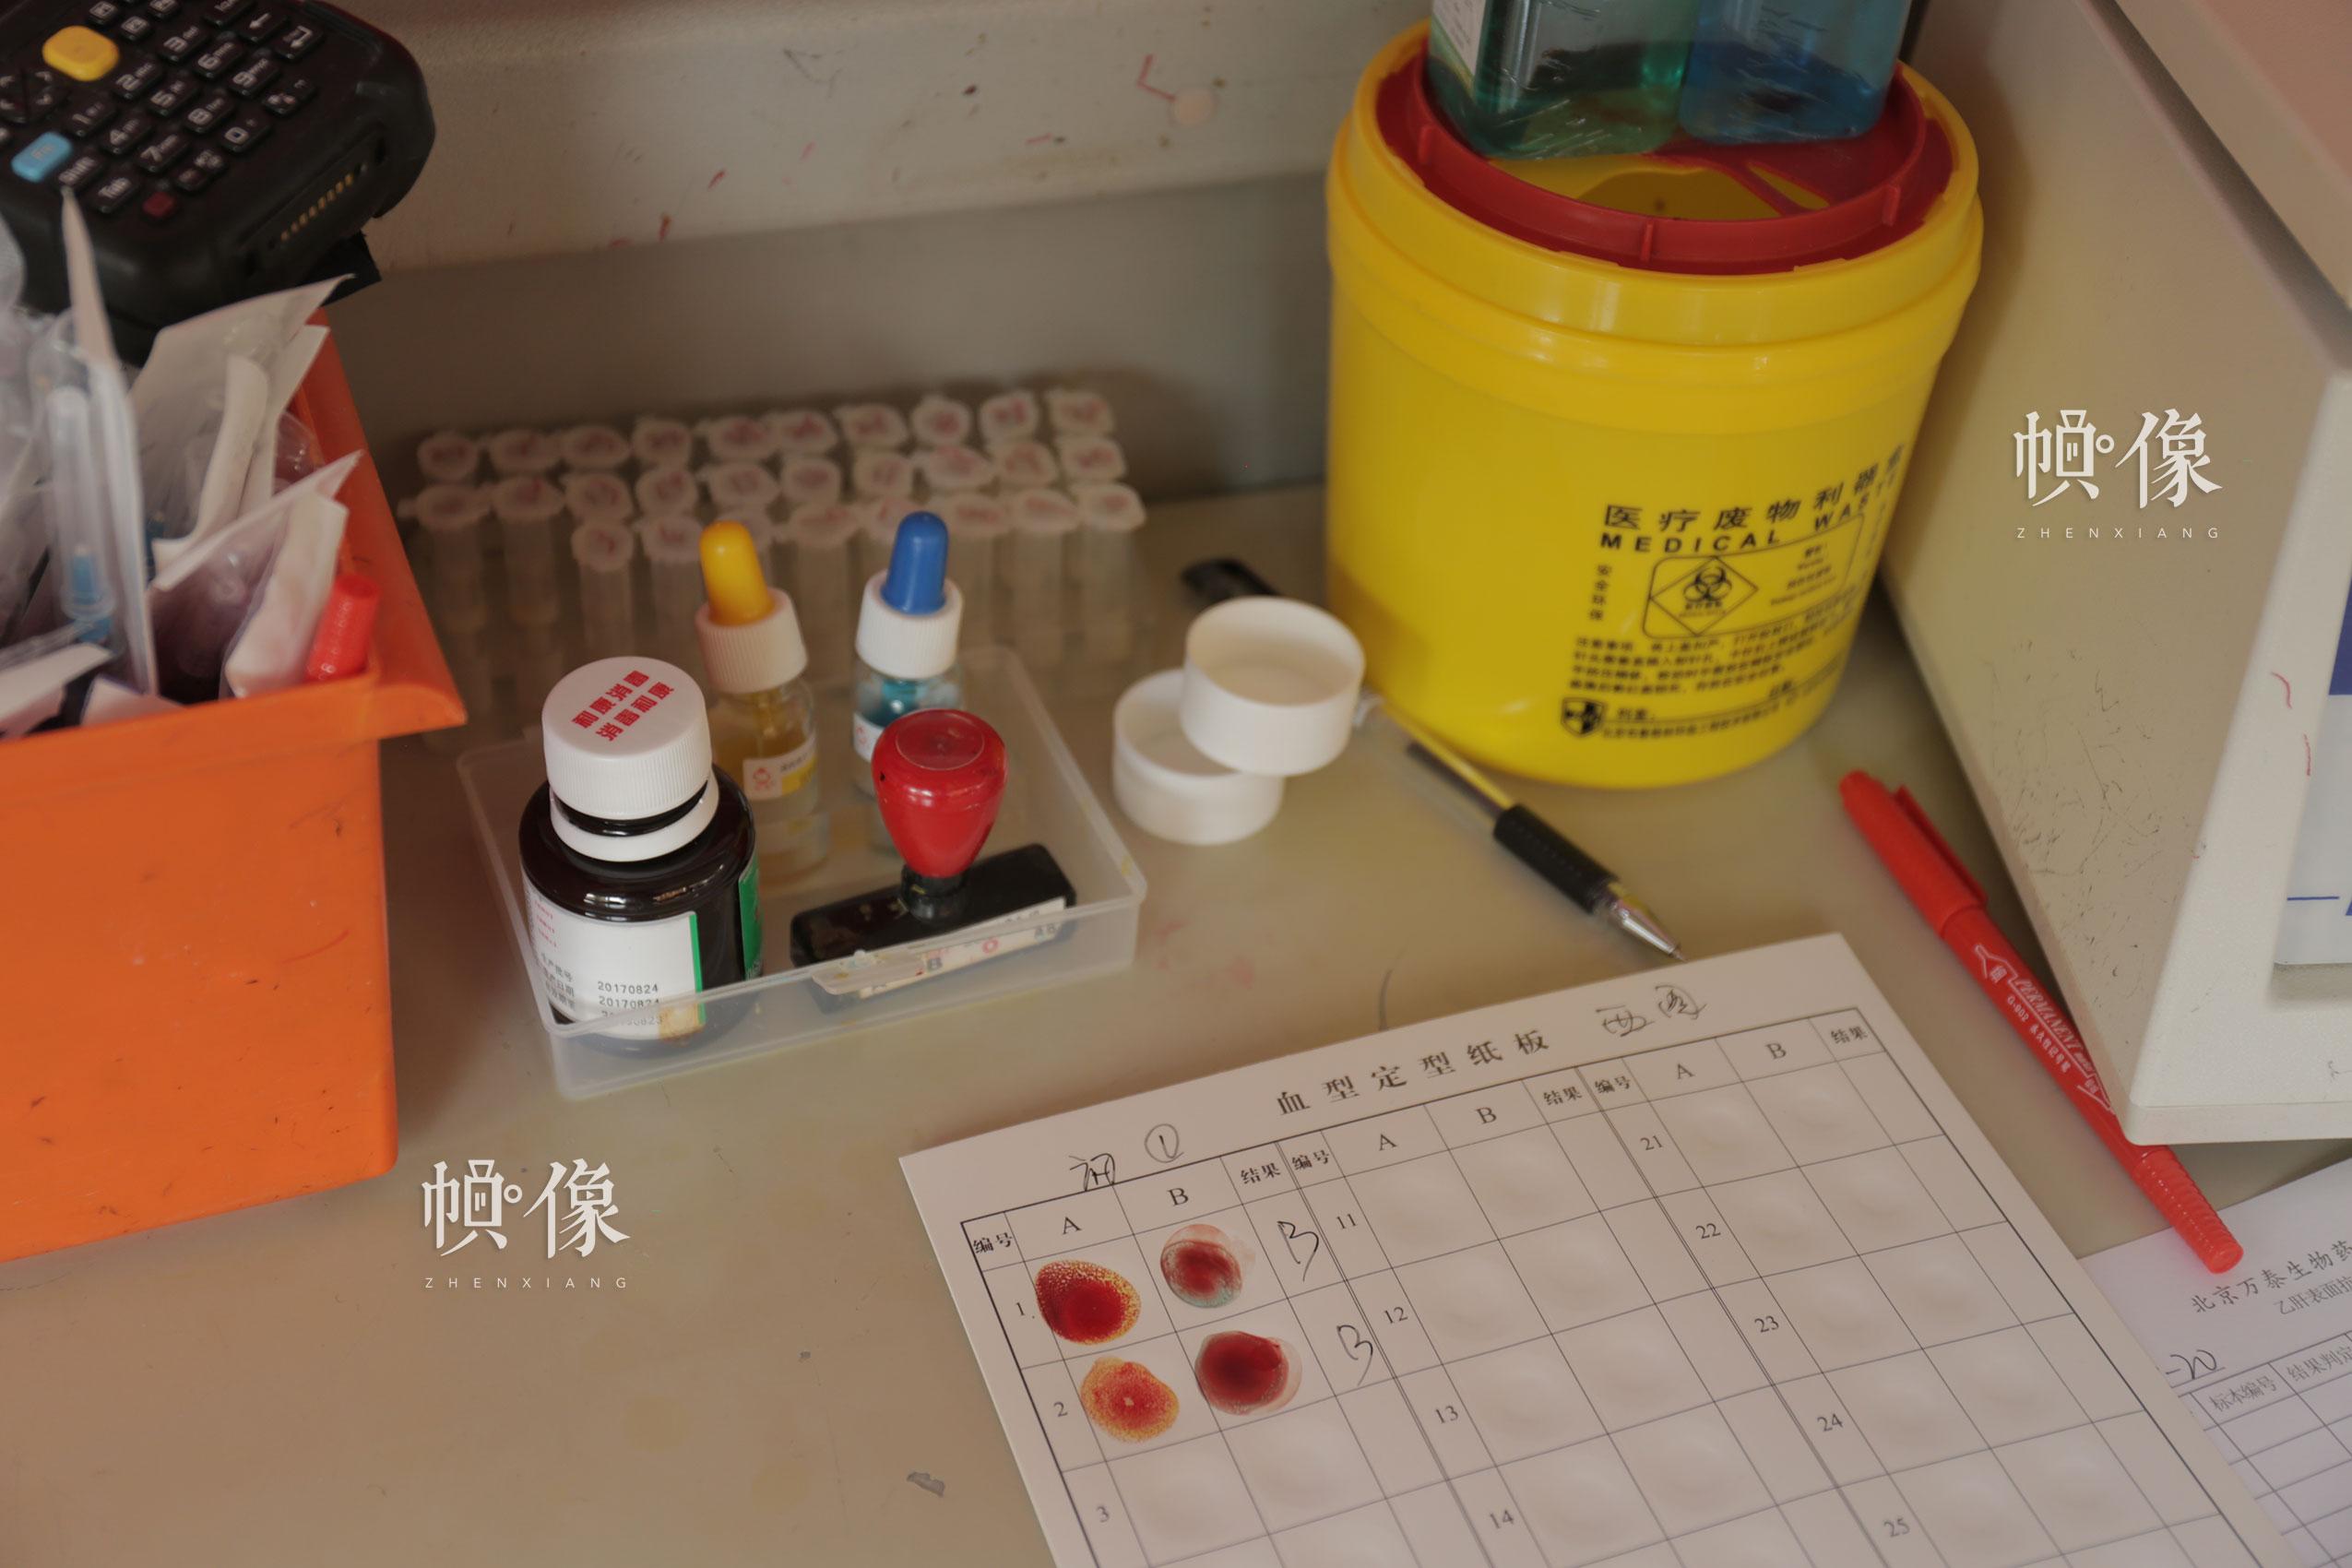 2017年12月18日,北京西单图书大厦外的无偿献血车,护士对前来献血的市民进行血型检测。中国网实习记者 朱珊杉 摄